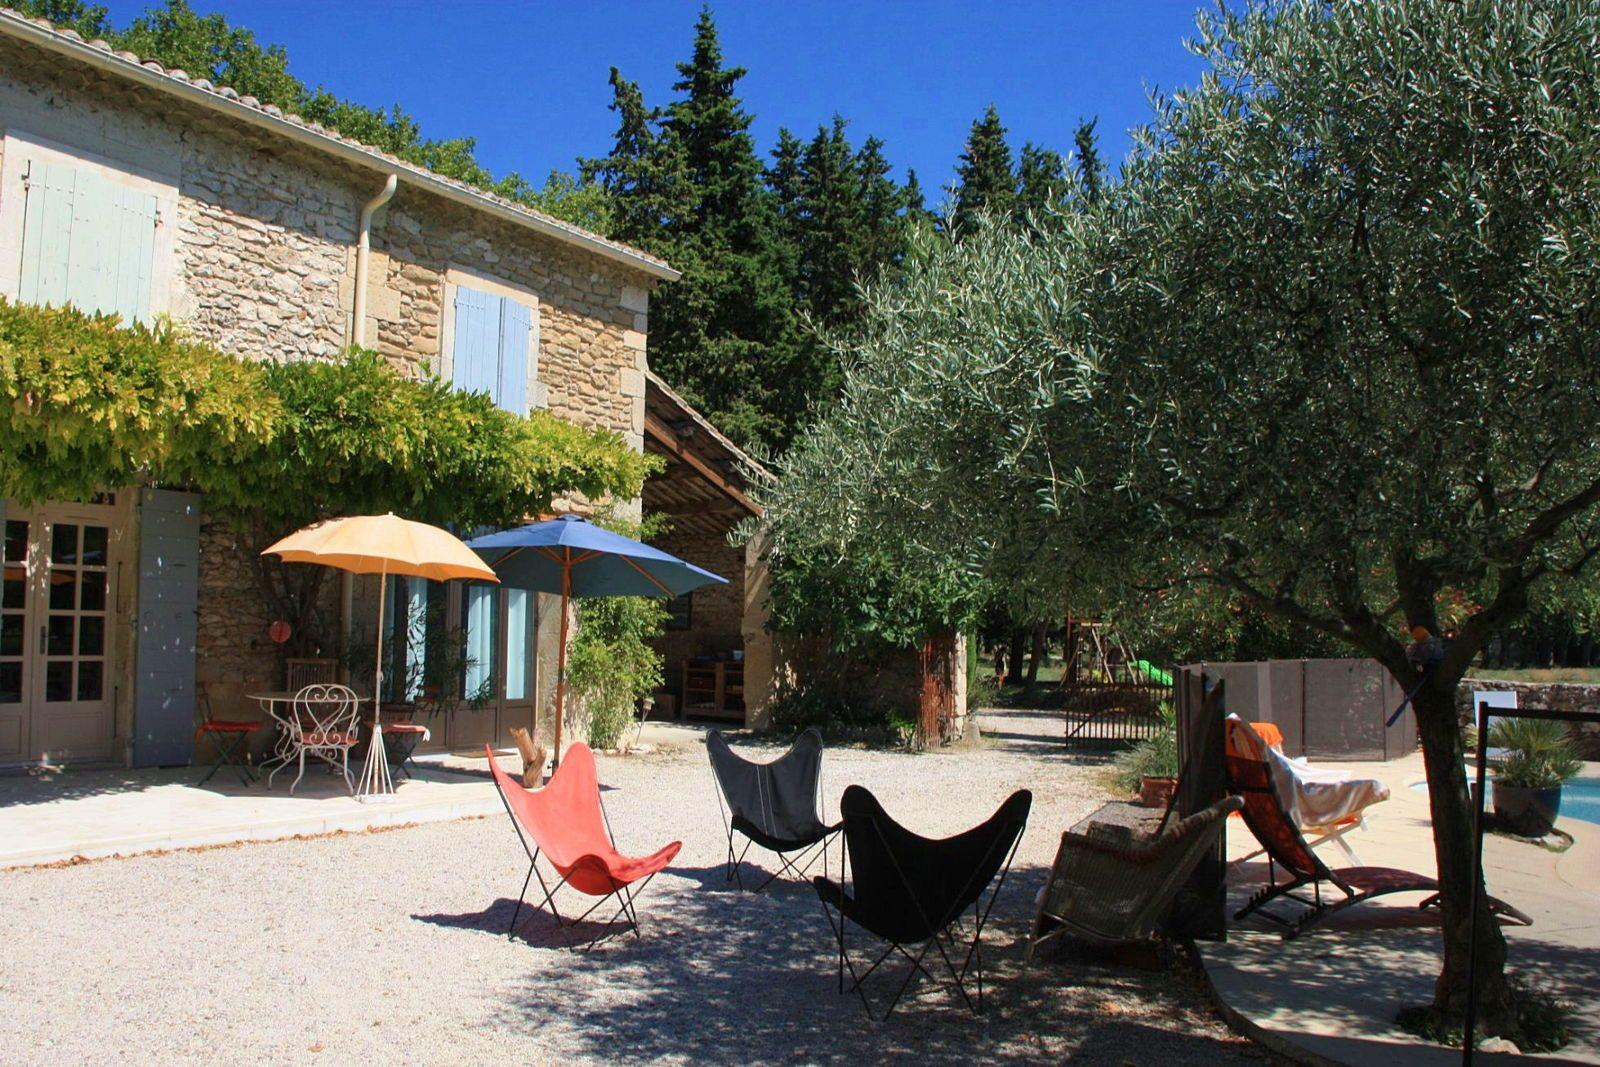 Loue belle maison en Drôme provençale 11couchages - Montjoyer (26)